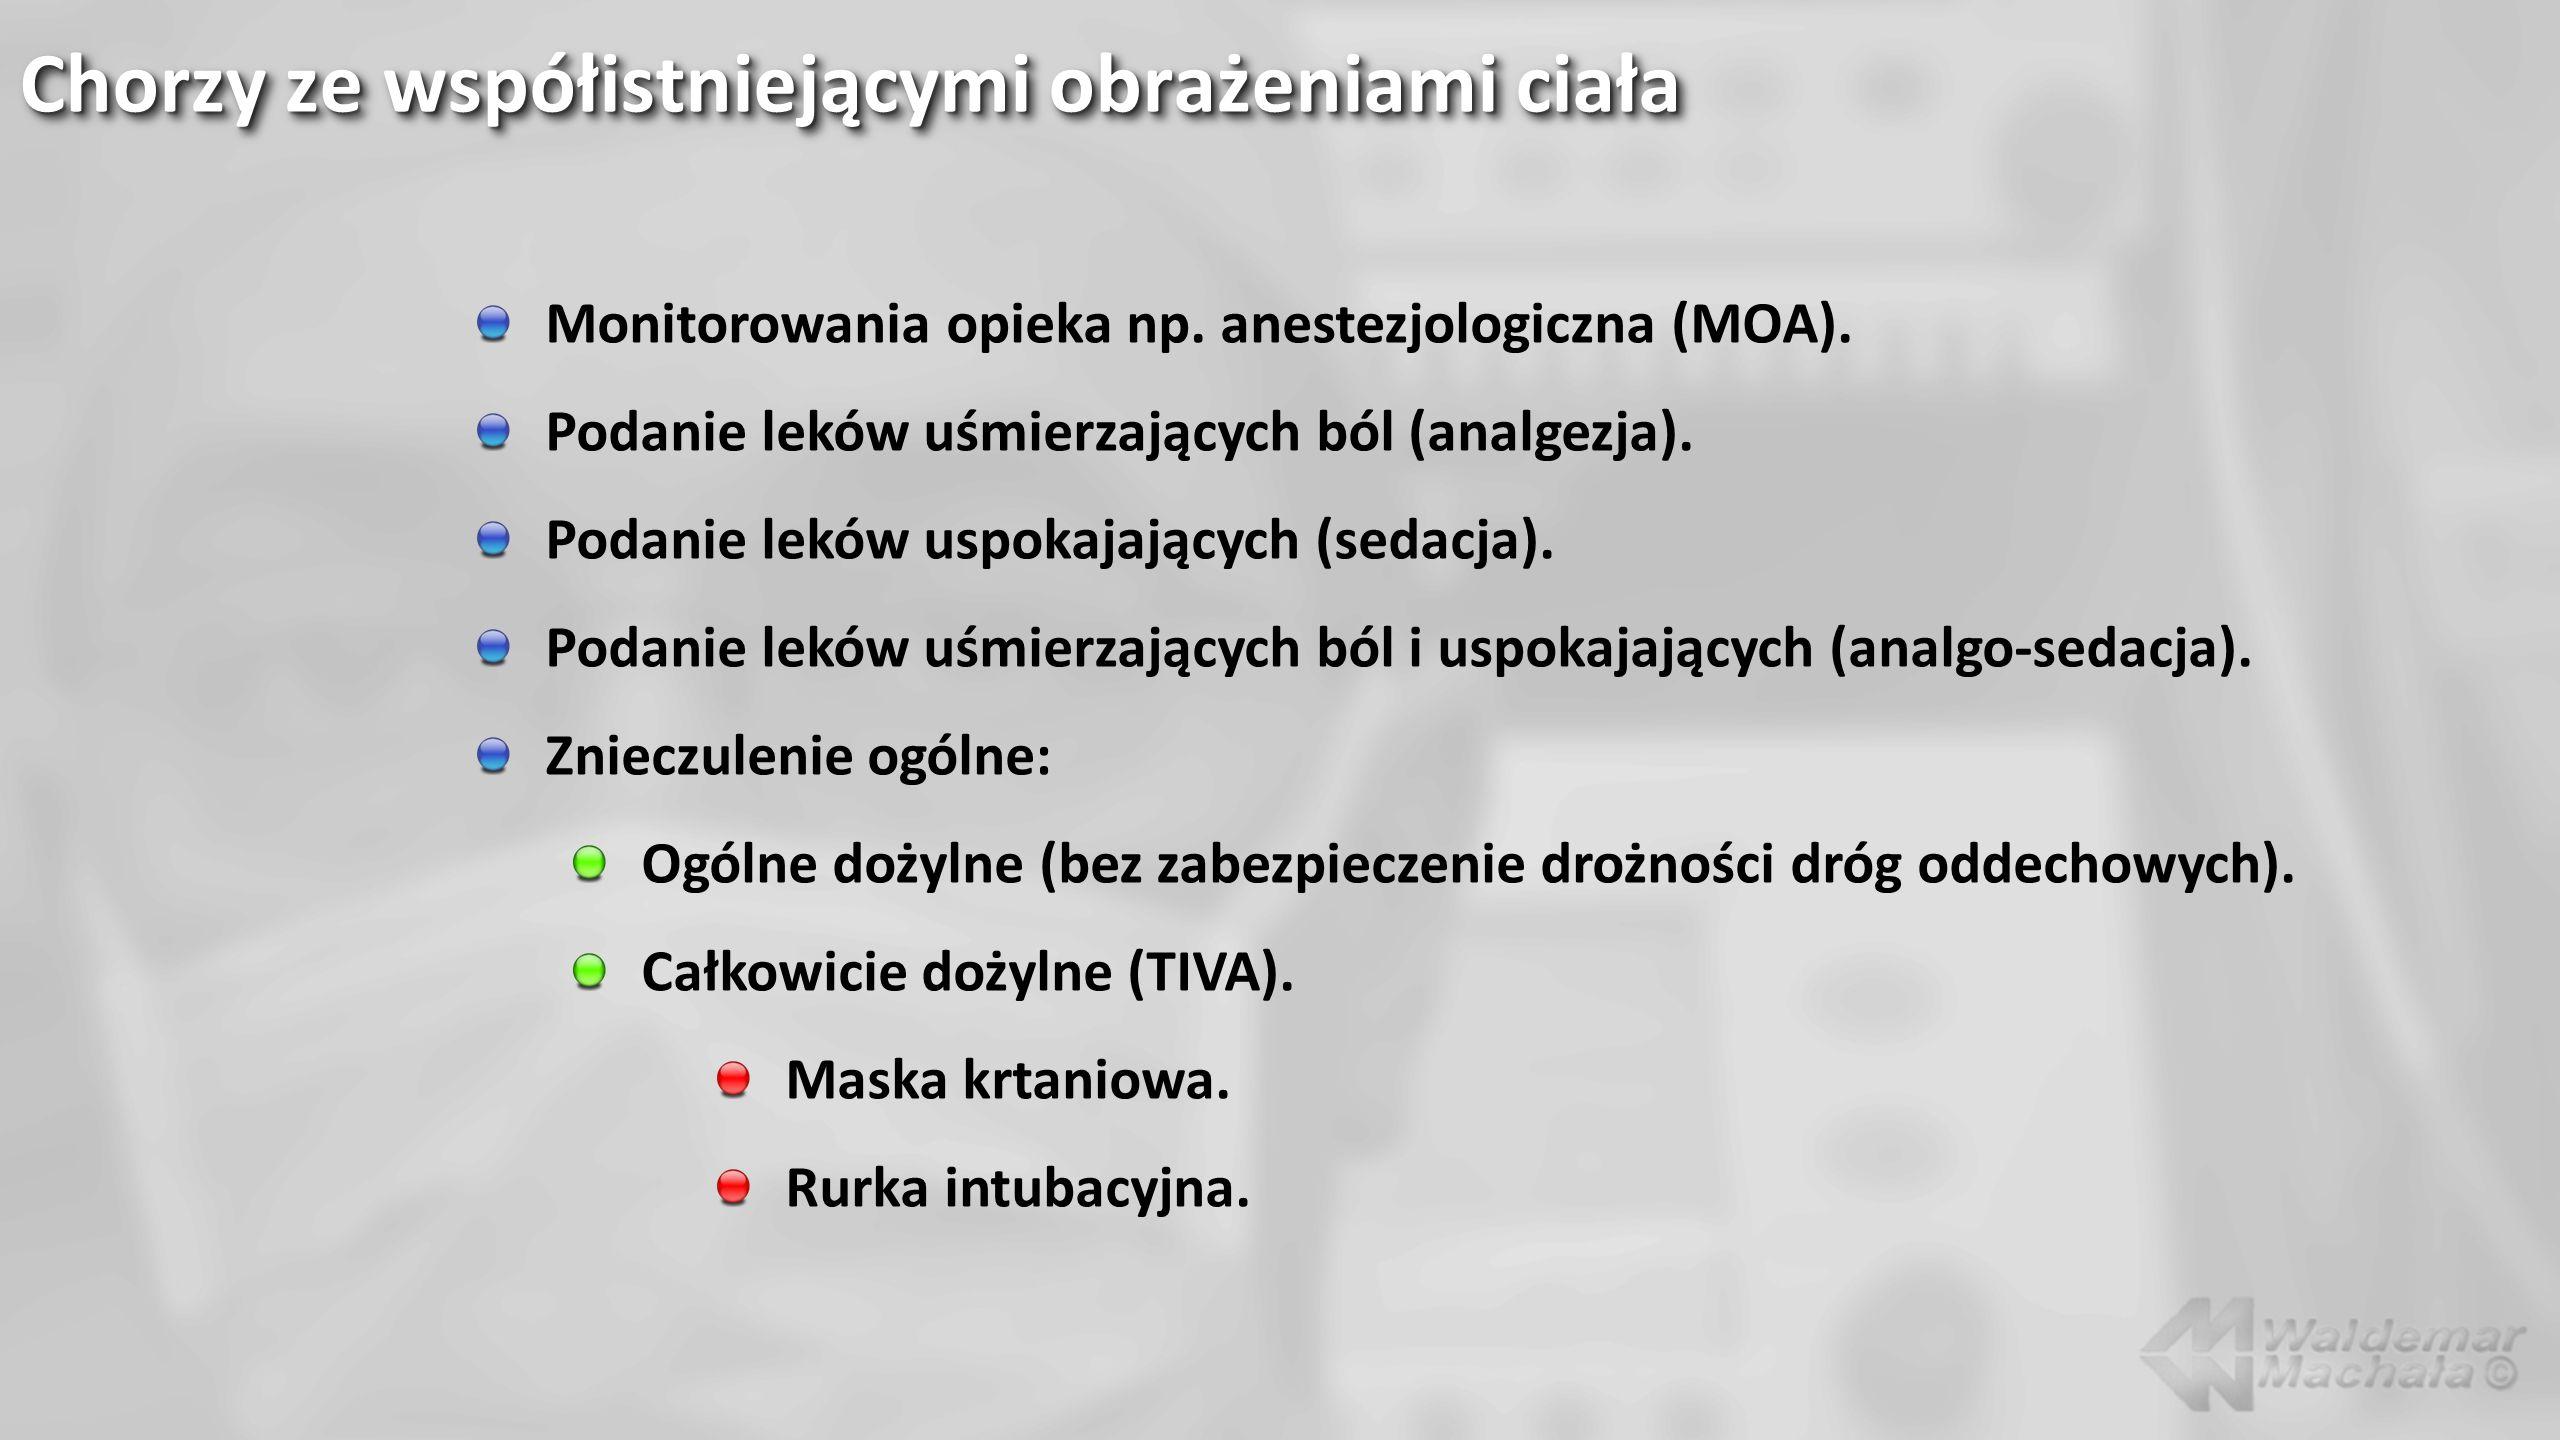 Podawanie leków w stanie zagrożenia życia wybór leków, a stan chorego Stan ogólnyAnalgezjaNiepamięćSenZwiotczenie mięśni Zatrzymanie krążenia---- Wstrząs SAP (< 80 mm Hg) Fentanyl (0,5-1 µg/kg) miareczkowane Midazolam 1-2 mg (jeżeli BP) - Do momentu, wypełnienia łożyska naczyniowego (perfuzja tkankowa) SUX: 1,5 mg/kg ROC: 1,2 mg/kg Hipotensja SAP: 80-100 mm Hg GCS: 4-9 pkt ---SUX: 1,5 mg/kg ROC: 1,2 mg/kg Hipotensja SAP: 80-100 mm Hg GCS: >9 pkt Fentanyl (1-2 µg/kg) Midazolam 1-2 mg (jeżeli bez anestetyku dożylnego) Etomidat: 0,1-0,2 mg/kg Ketamina: 1 mg/kg Midazolam: 0,1-0,3 mg/kg (miareczkowane) SUX: 1,5 mg/kg ROC: 1,2 mg/kg Wilson WC, Grande CM, Hoyt DB w: Trauma.